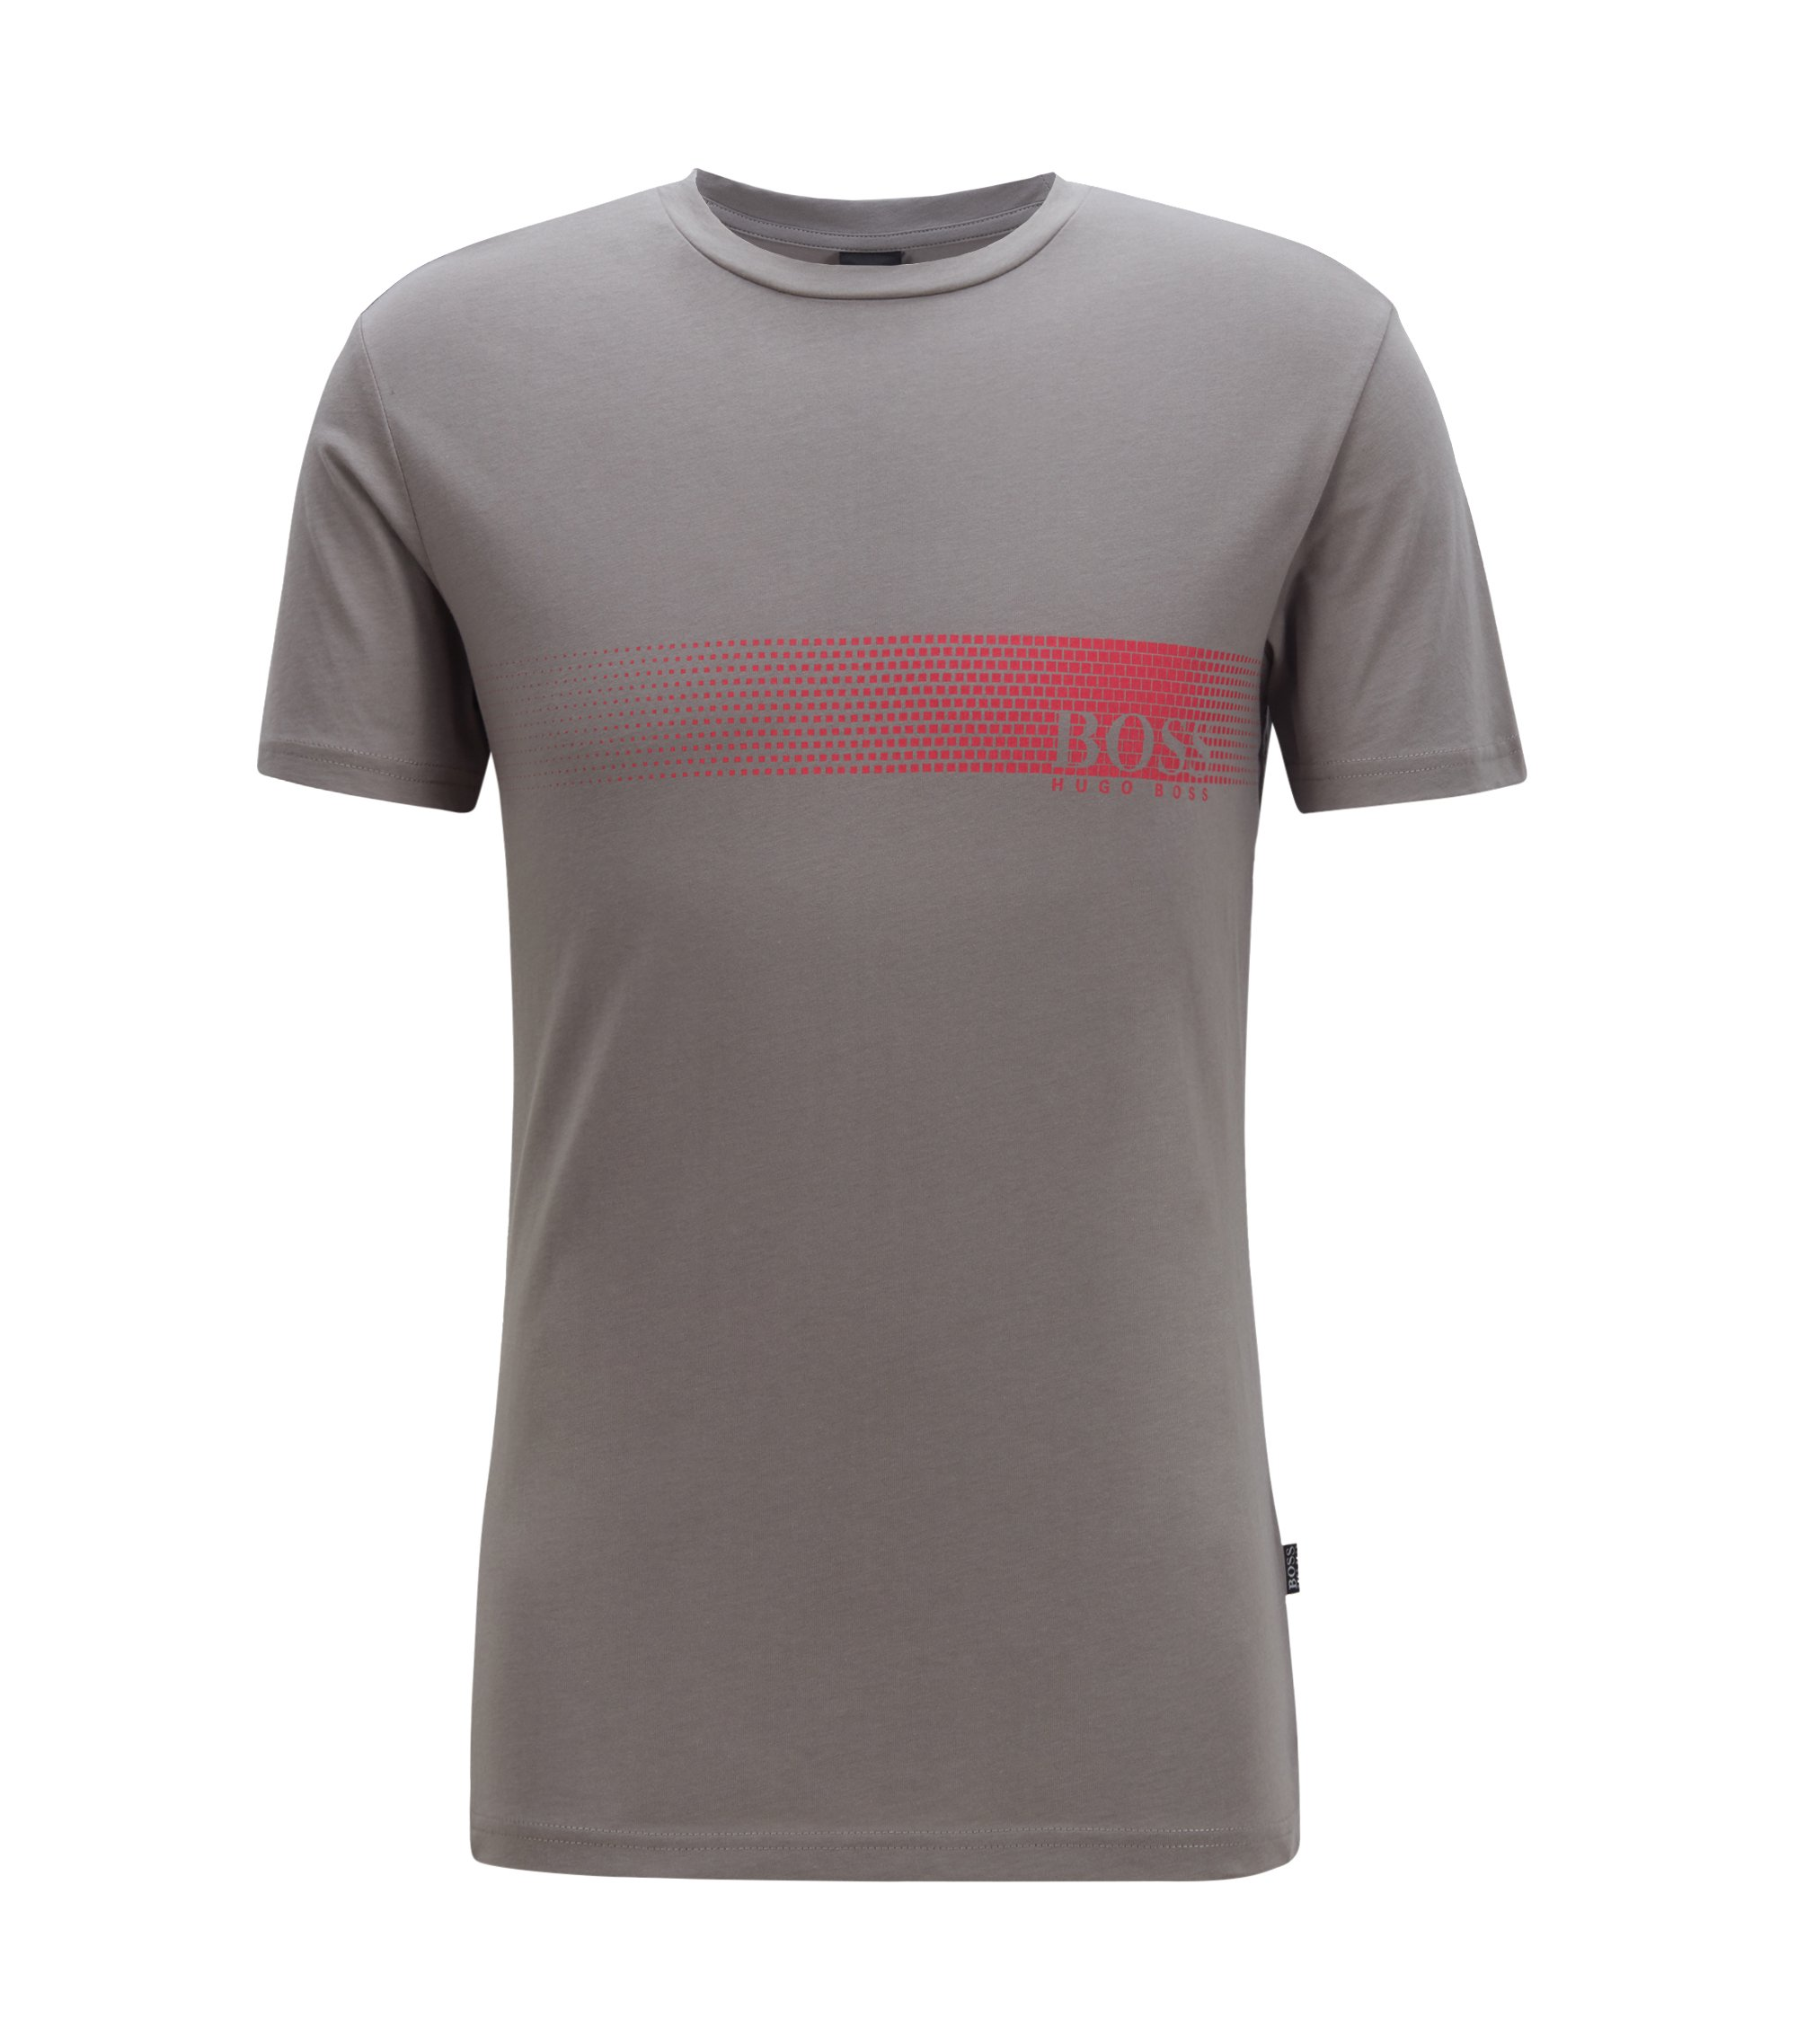 Camiseta con logo en algodón con protección solar, Gris oscuro